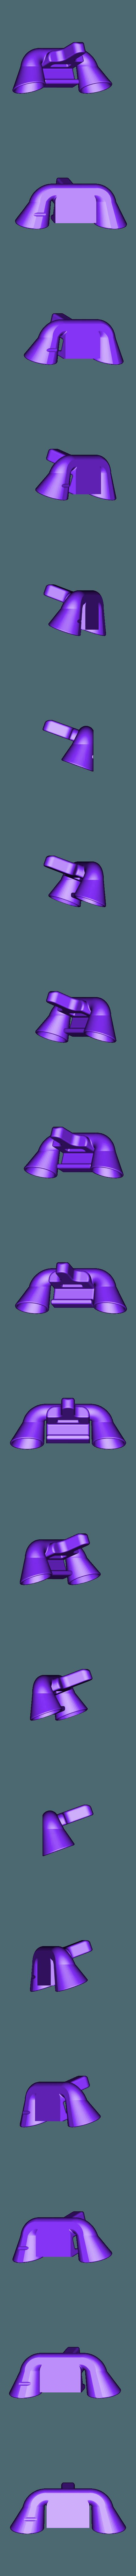 support phone.stl Télécharger fichier STL gratuit Support haut parleur Phone • Design pour impression 3D, TOUT-A-1-EURO